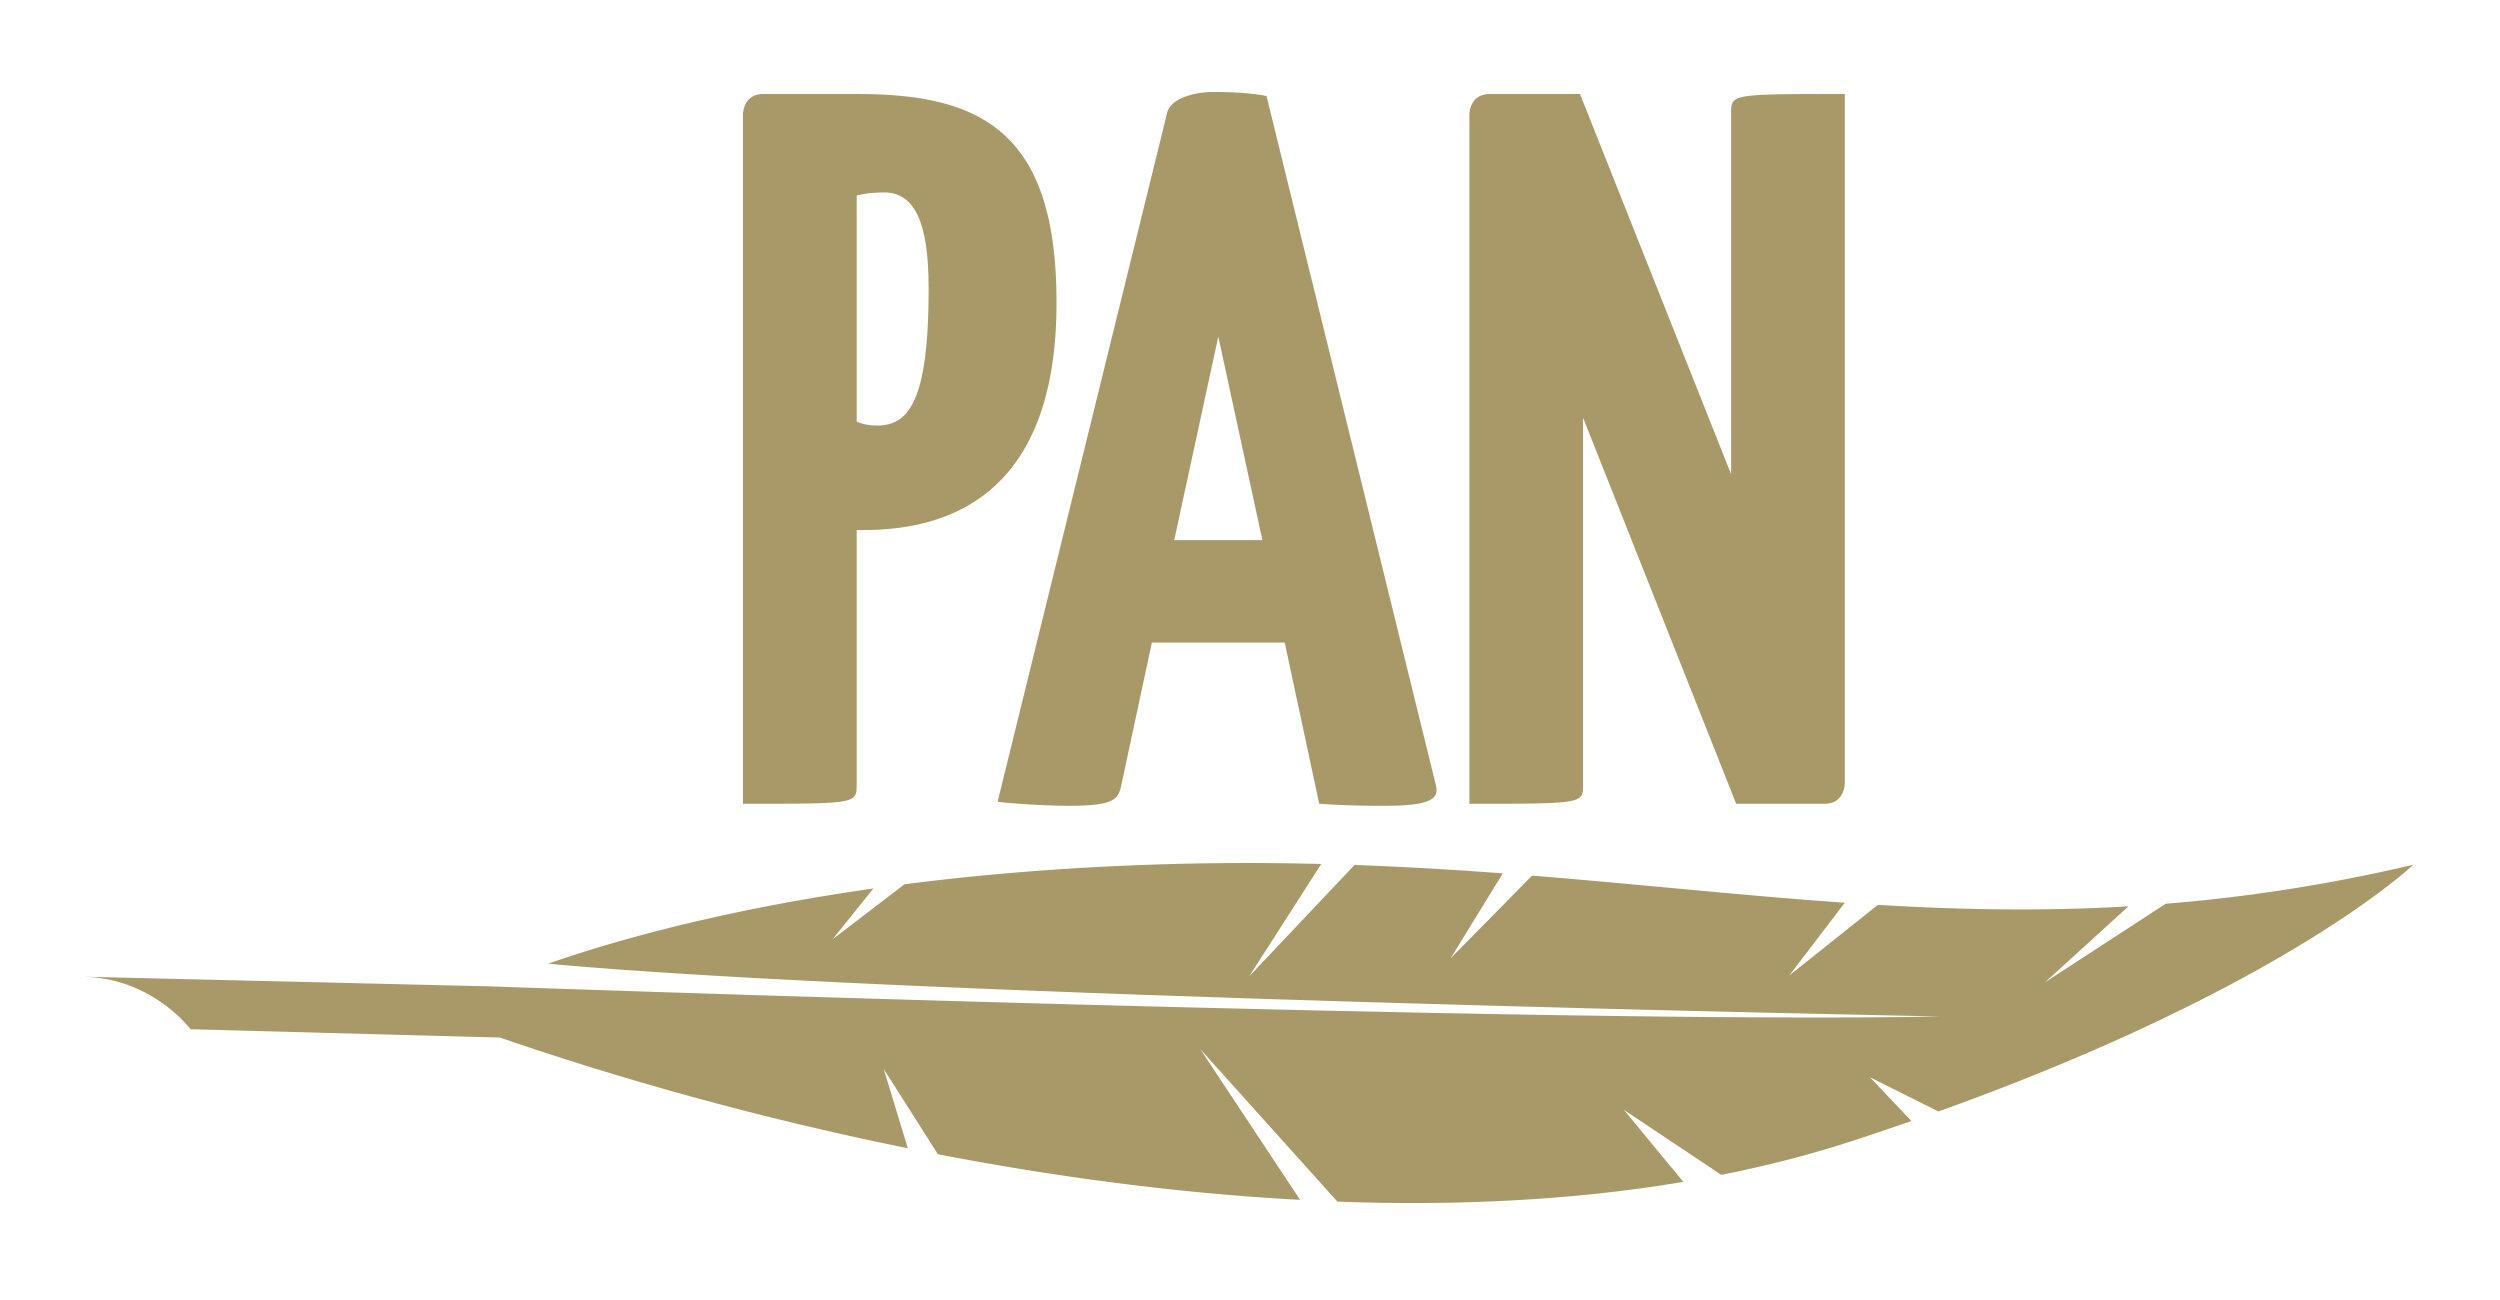 Phantastik-Autoren-Netzwerk_Logo_ohne-Schriftzug_sRGB_2500x1300.png